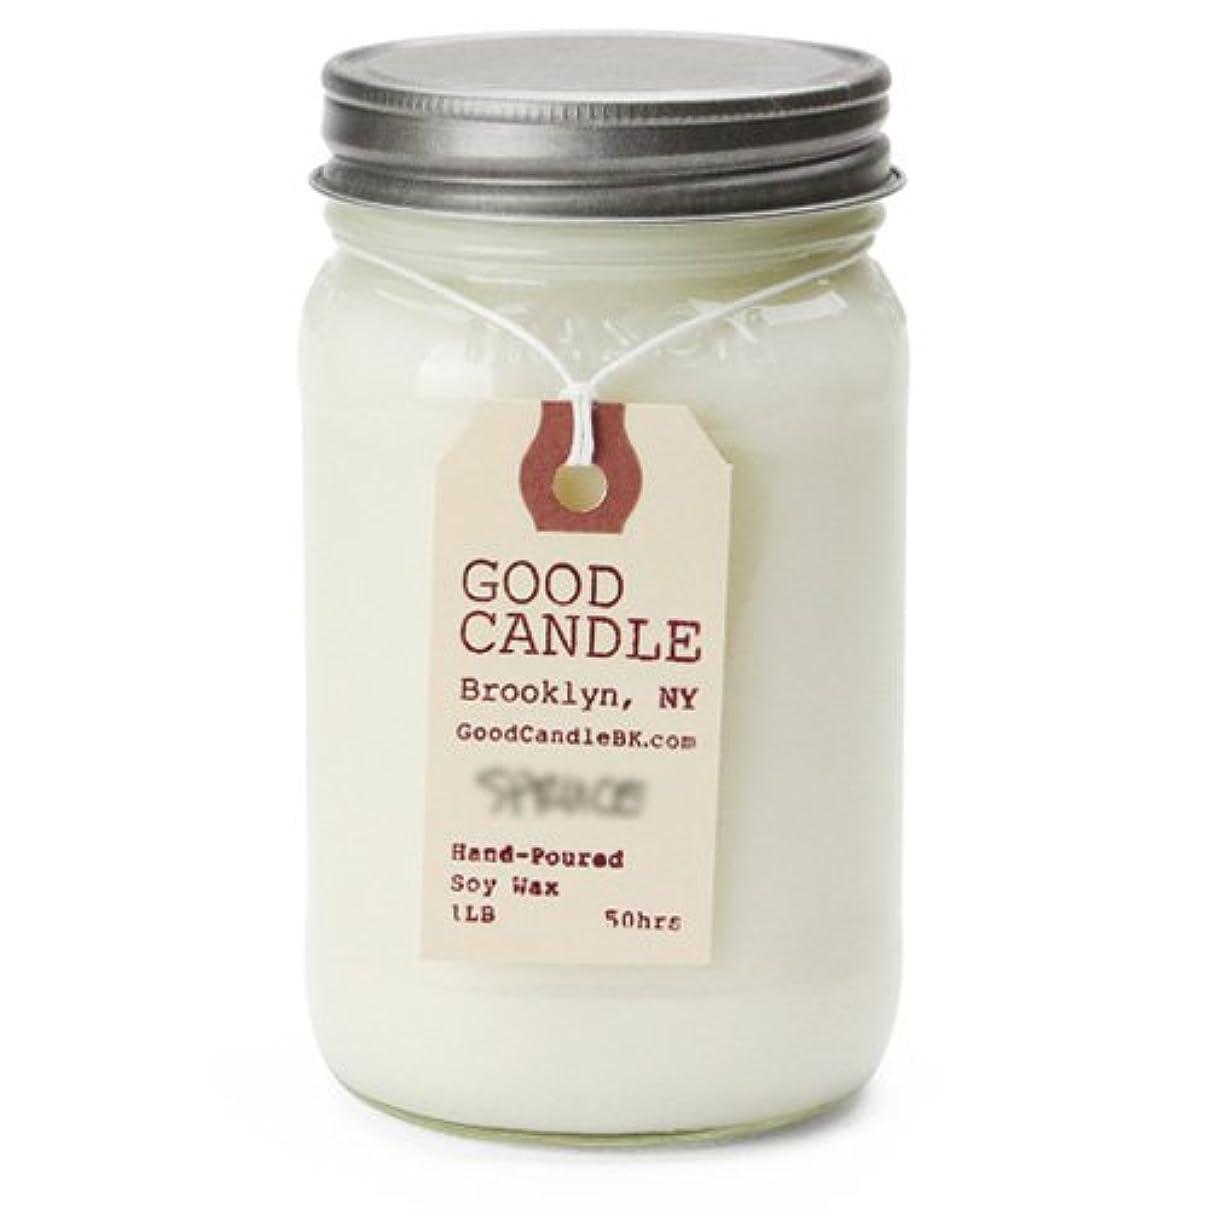 ヤング命令みなすグッドキャンドル 1ポンド メイソンジャー キャンドル Good Candle 1LB Mason jar candle [ Camp fire ] 正規品